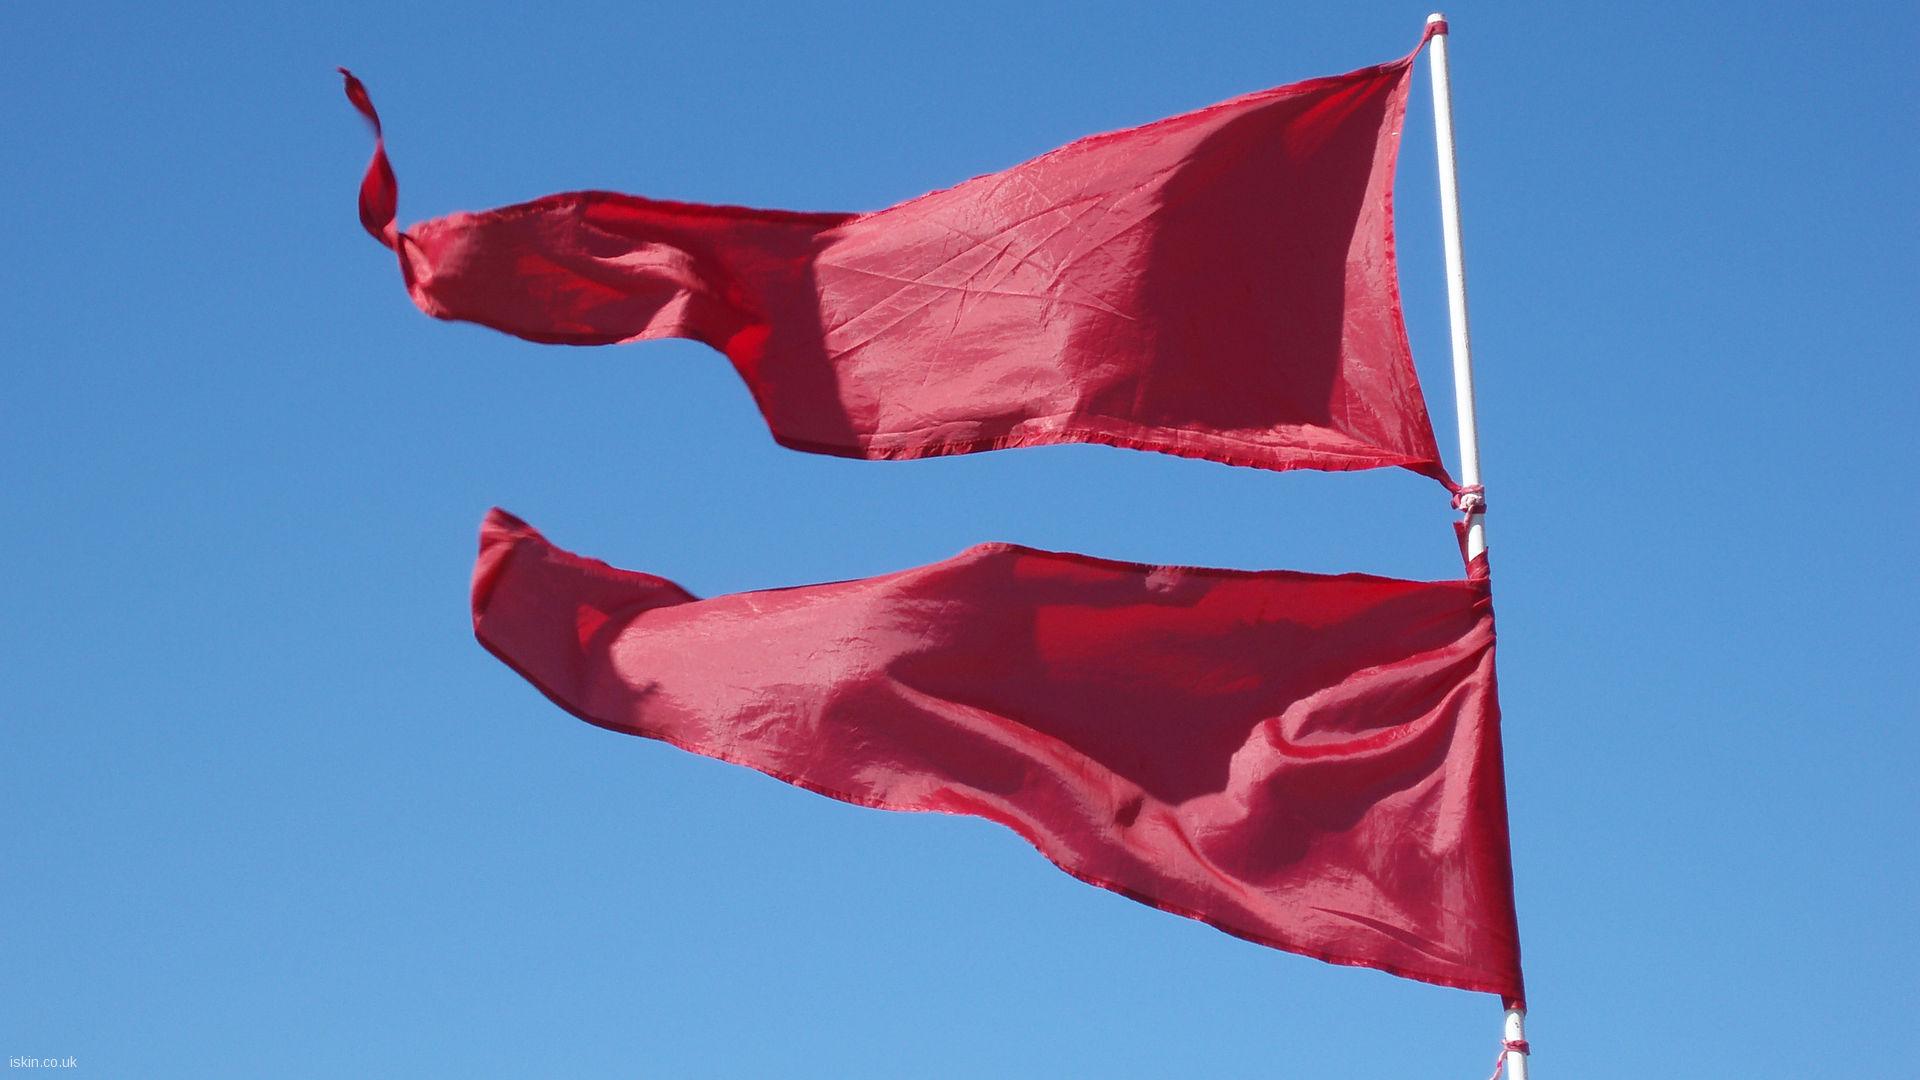 Red Flag Day Desktop Wallpaper iskincouk 1920x1080